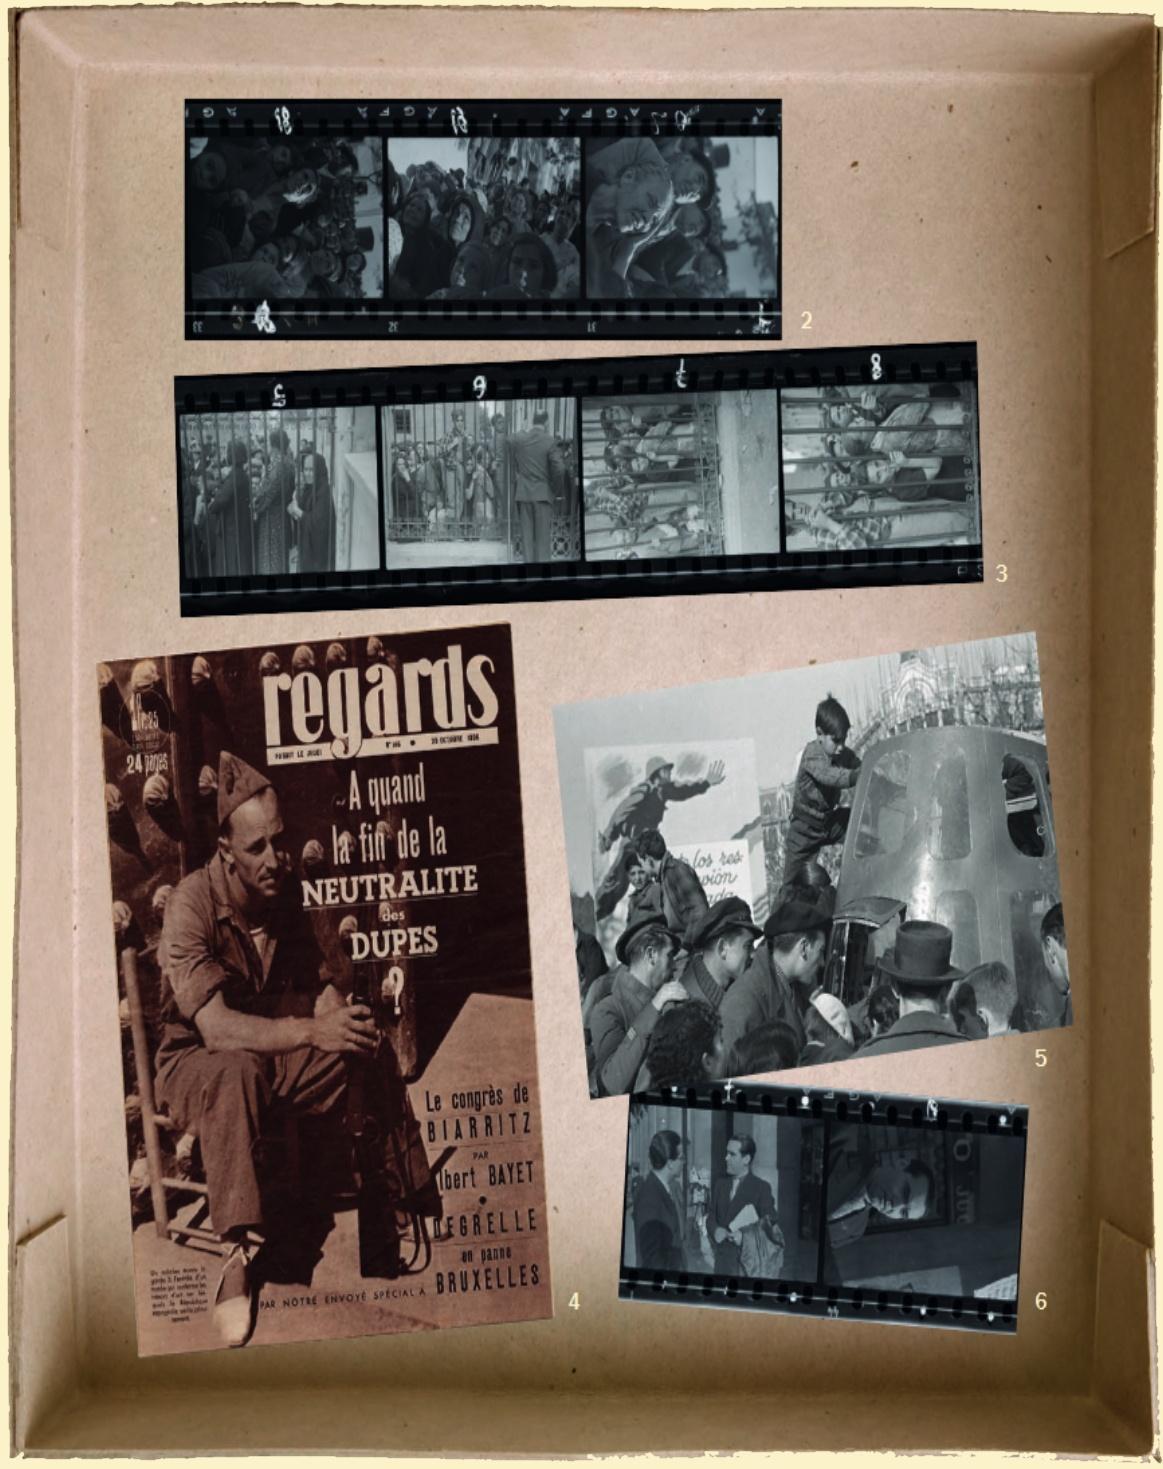 La maleta mexicana. El redescobriment dels negatius de la Guerra Civil espanyola de Capa, 'Chim' i Taro